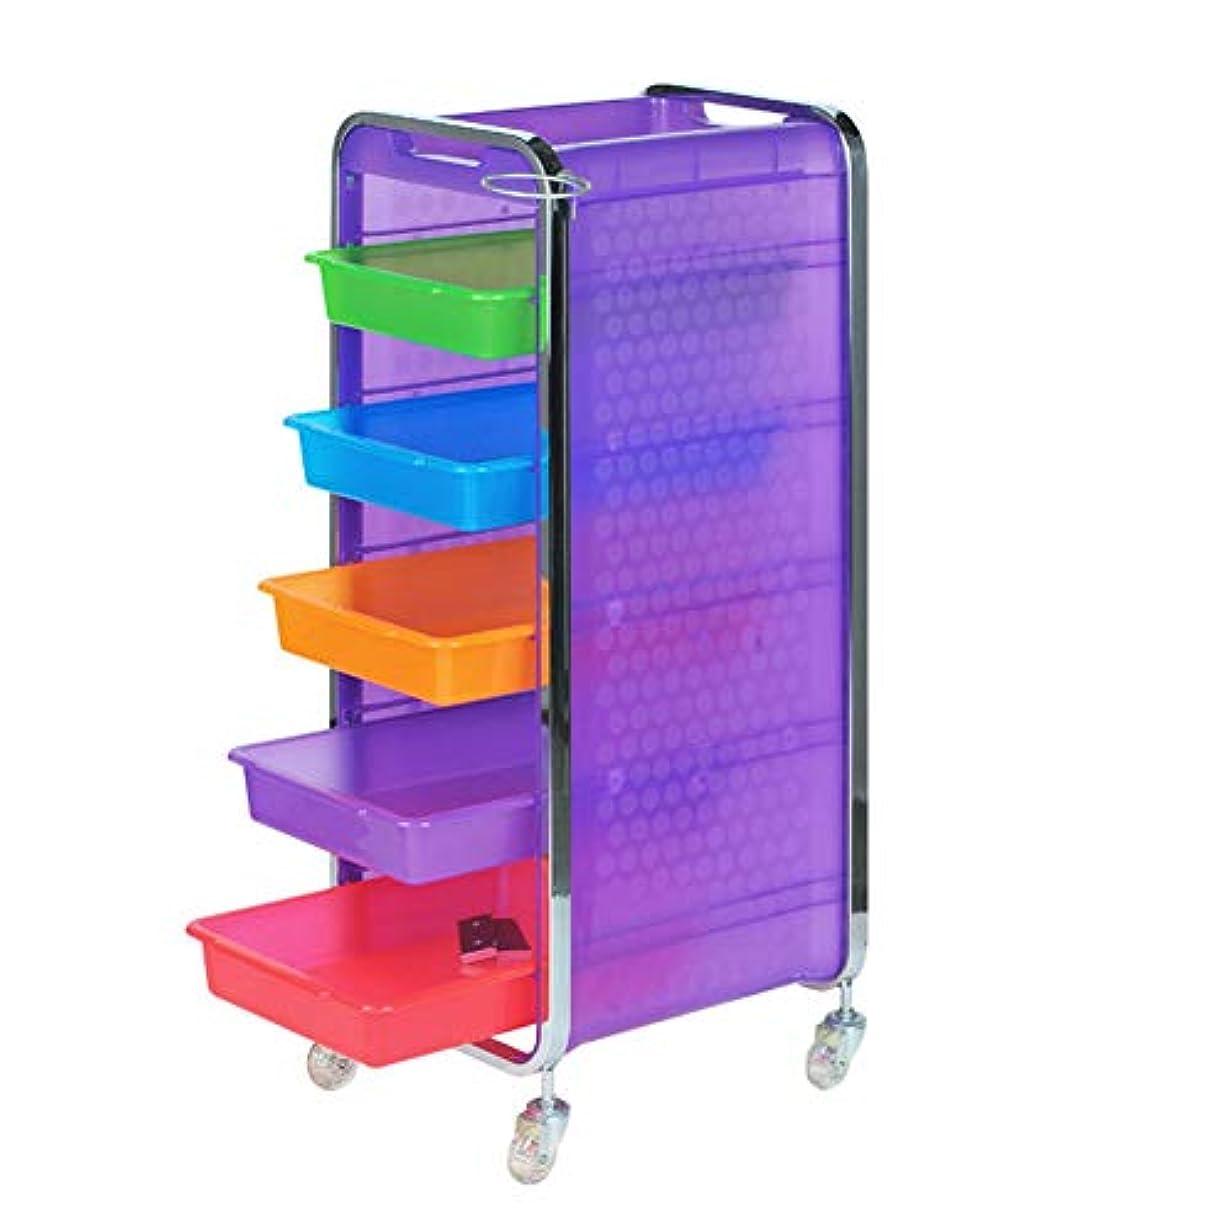 海洋資本主義ボットサロン美容院トロリー美容美容収納カート6層トレイ多機能引き出し虹色,Purple,B